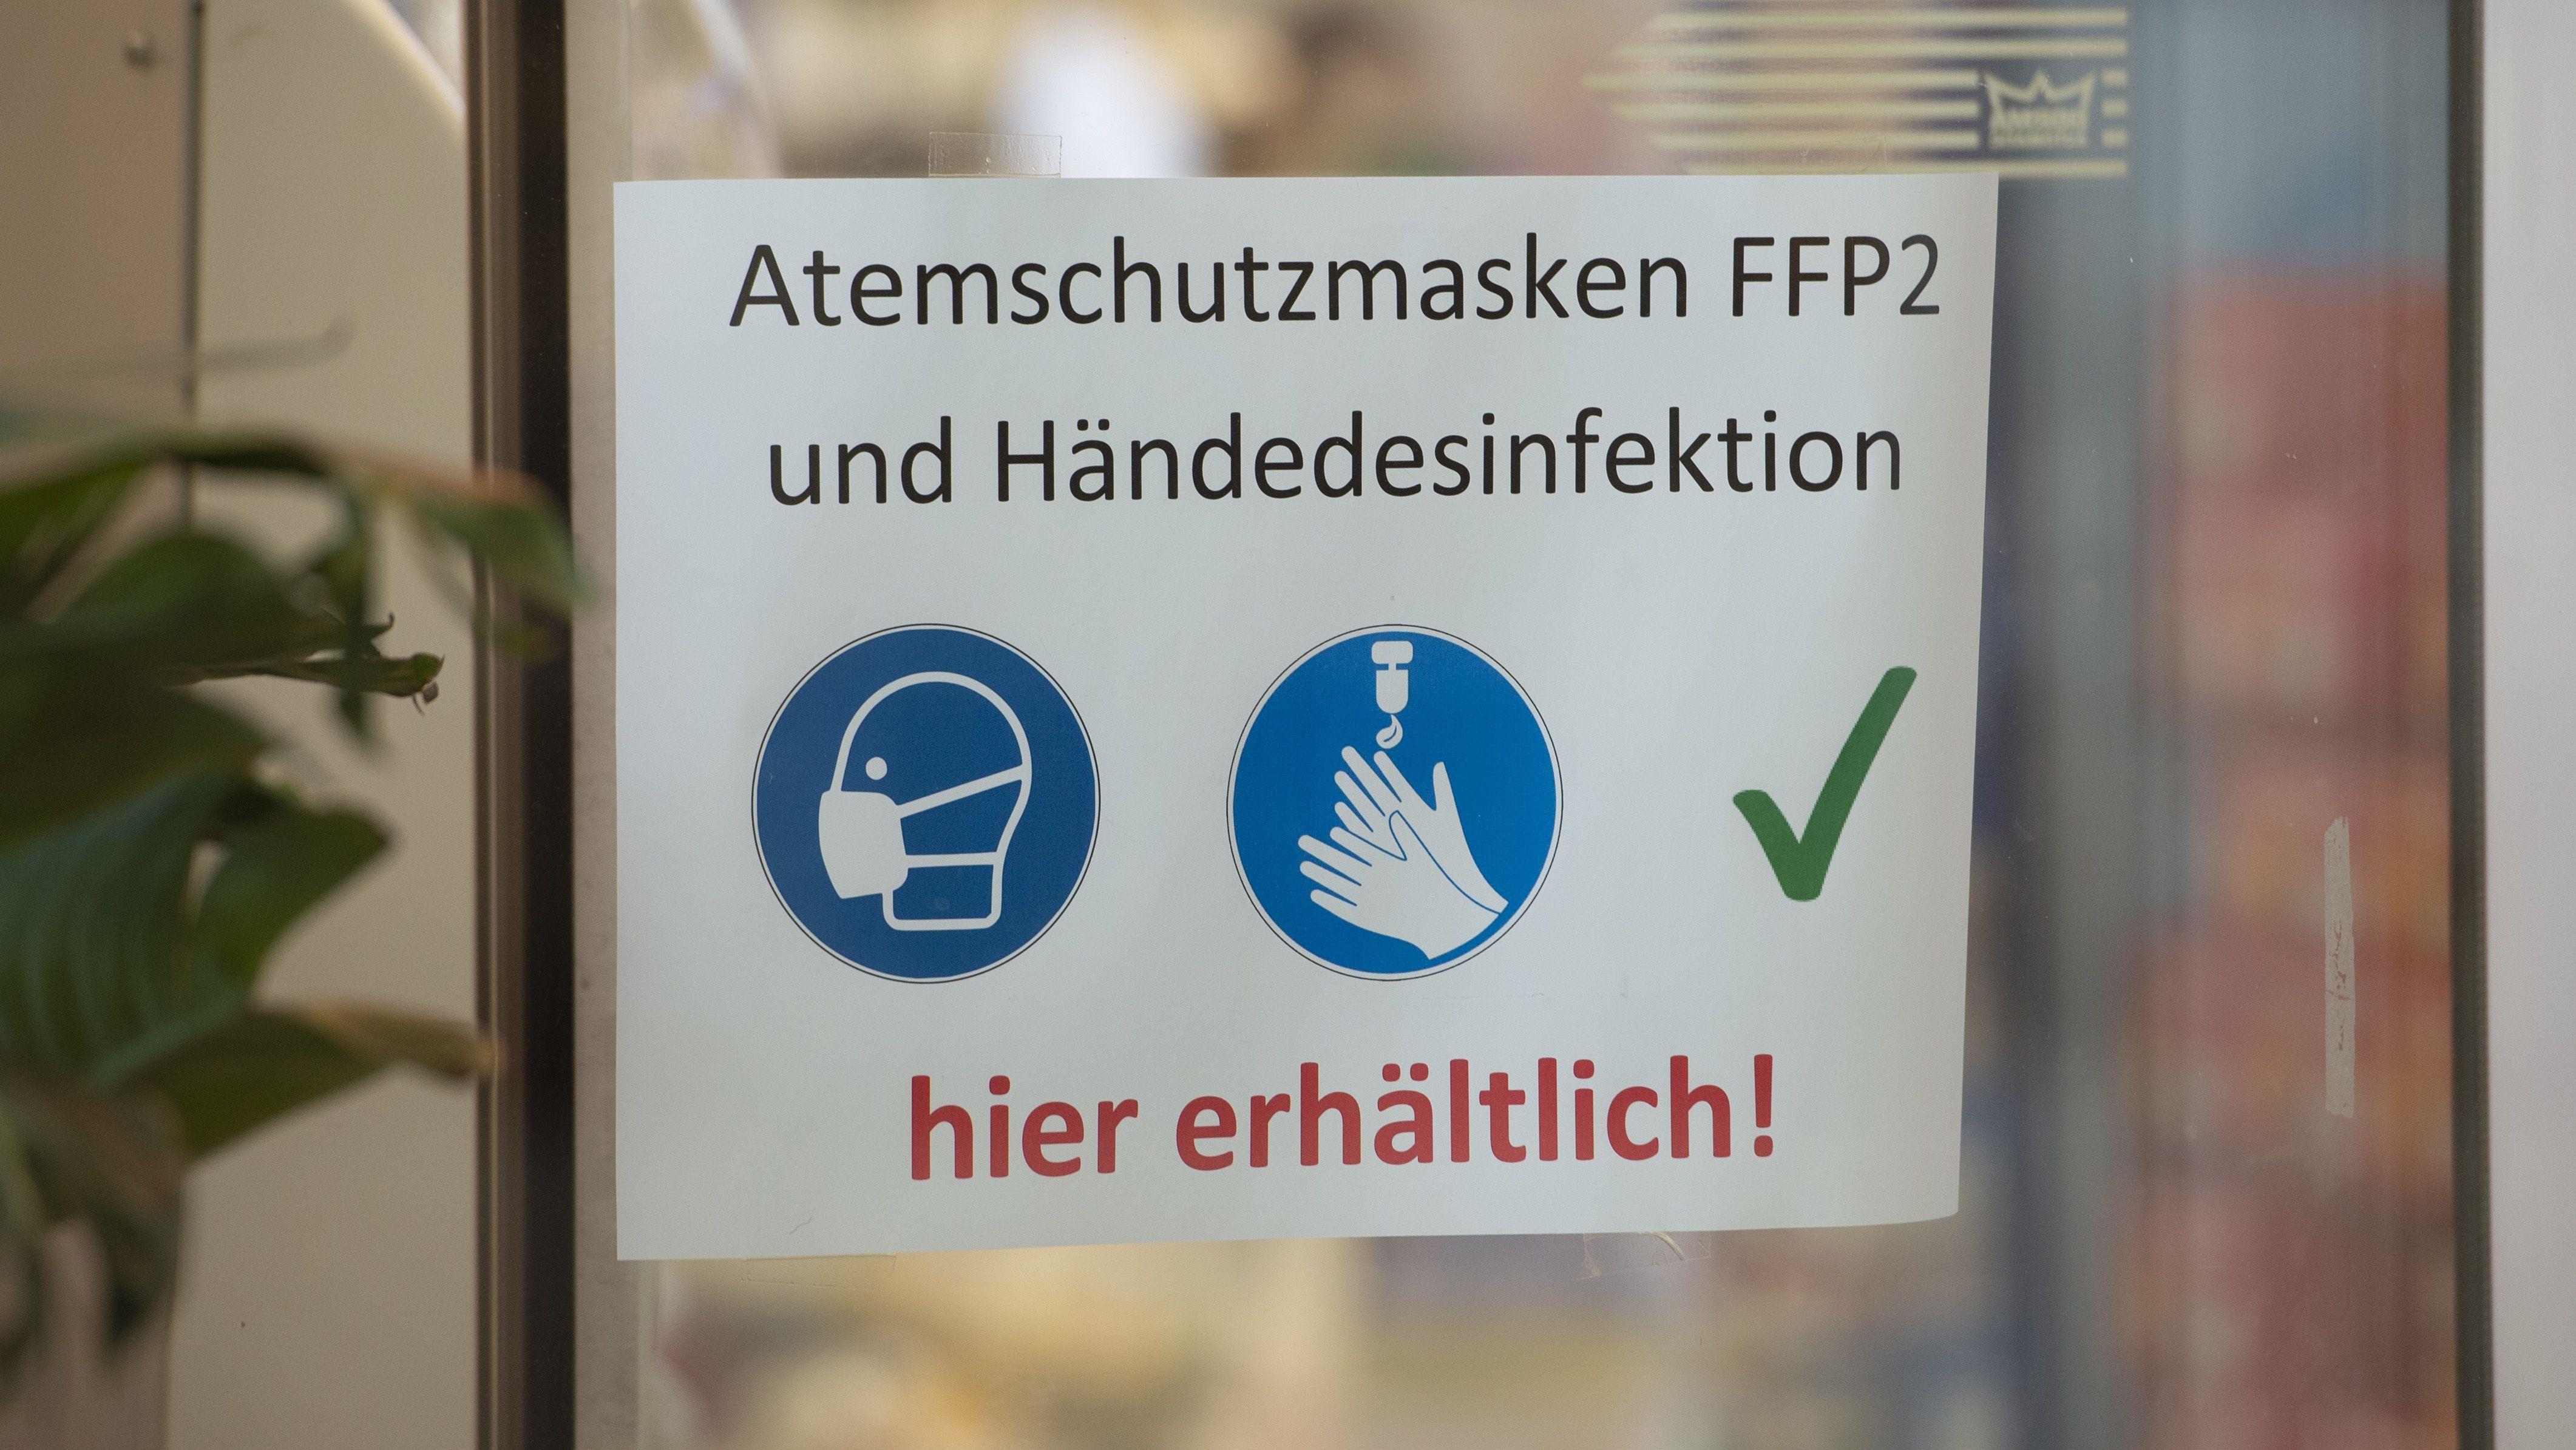 Schild am Fenster einer Apotheke: Atemschutzmasken FFP2 und Händedesinfektion hier erhältlich